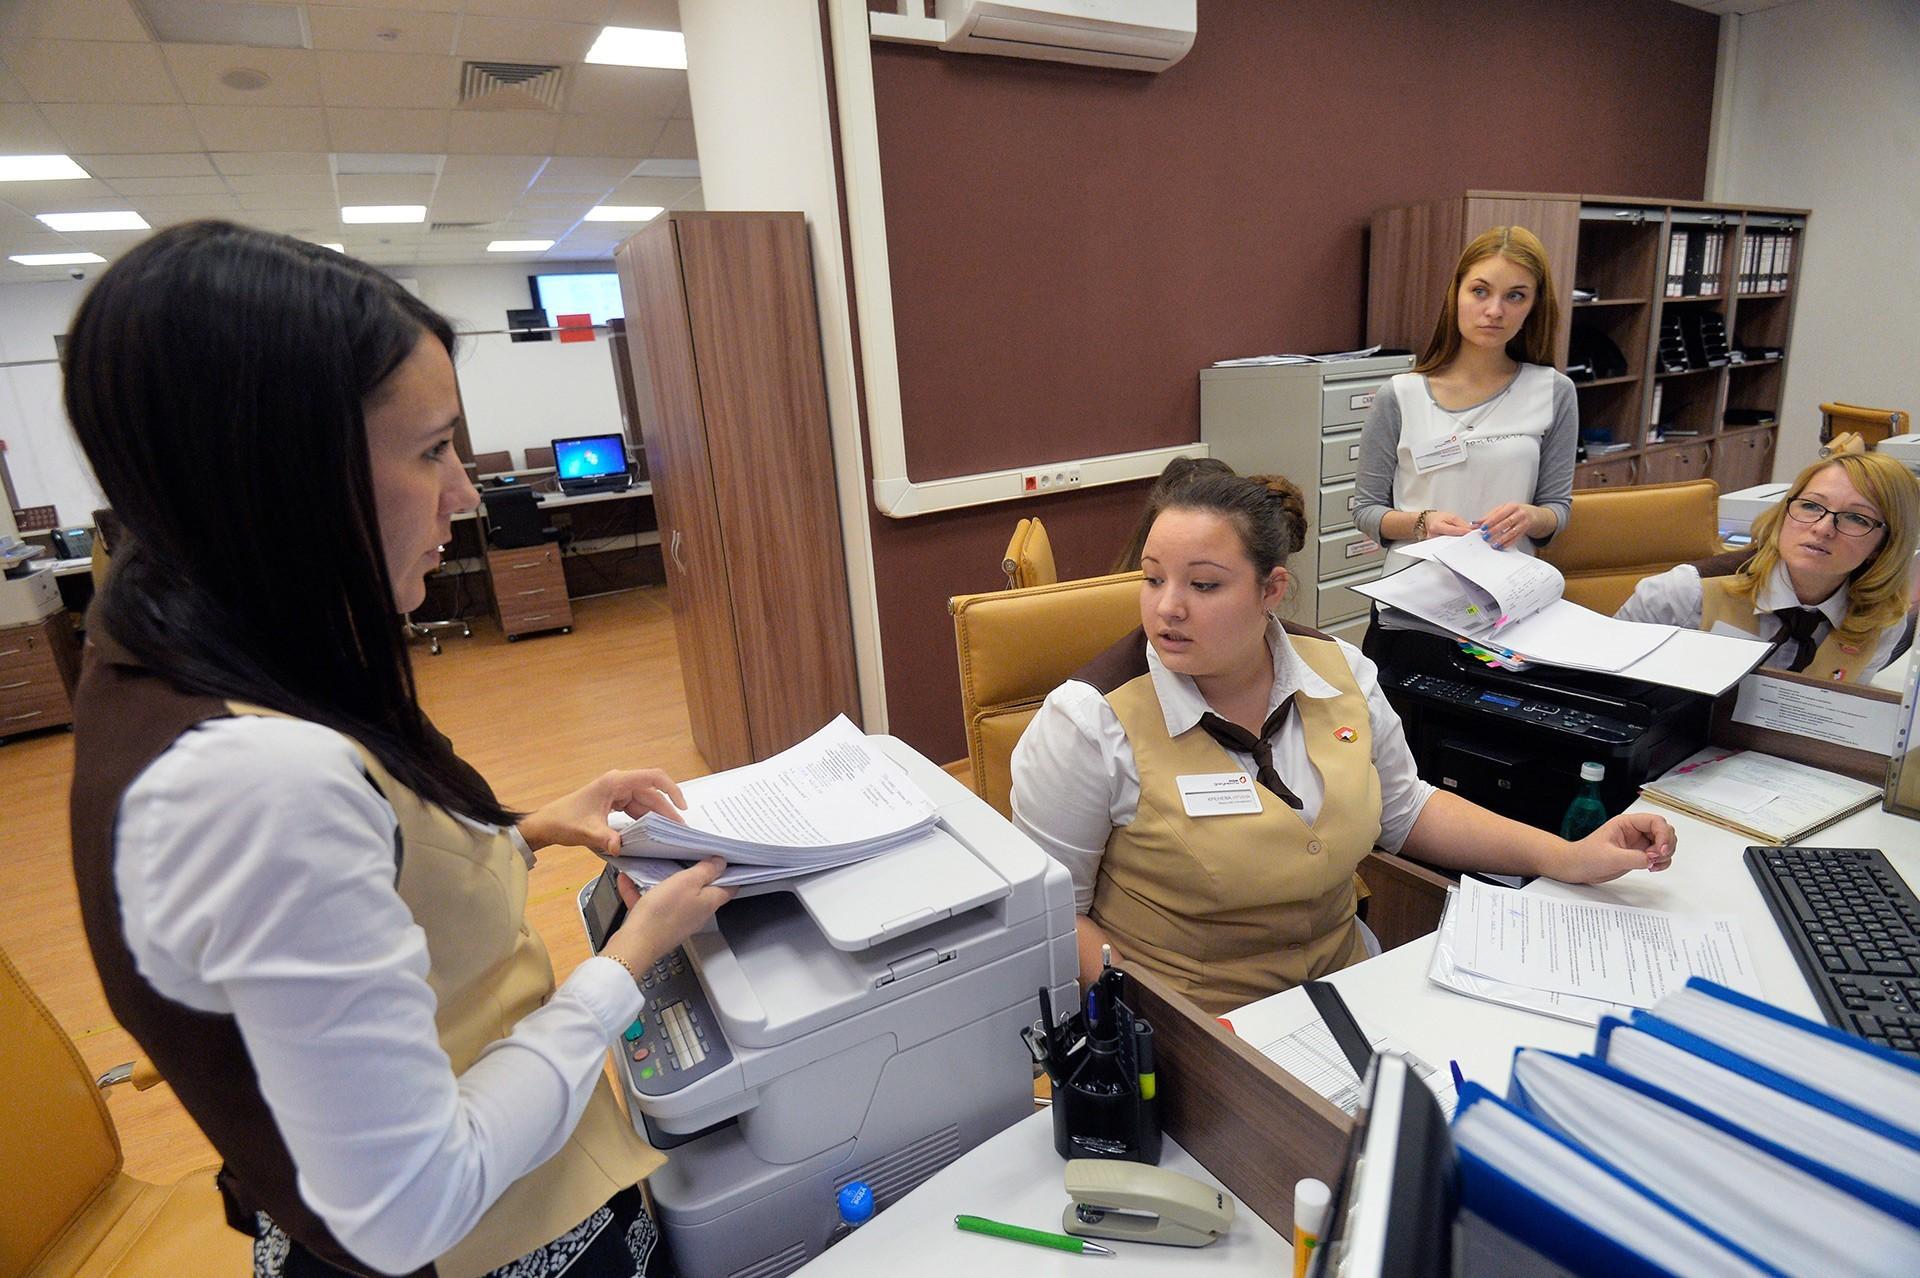 Zaposleni v univerzalni državni pisarni »Moji dokumenti« v mestu Moskovski, Novomoskovski okraj, Moskva.